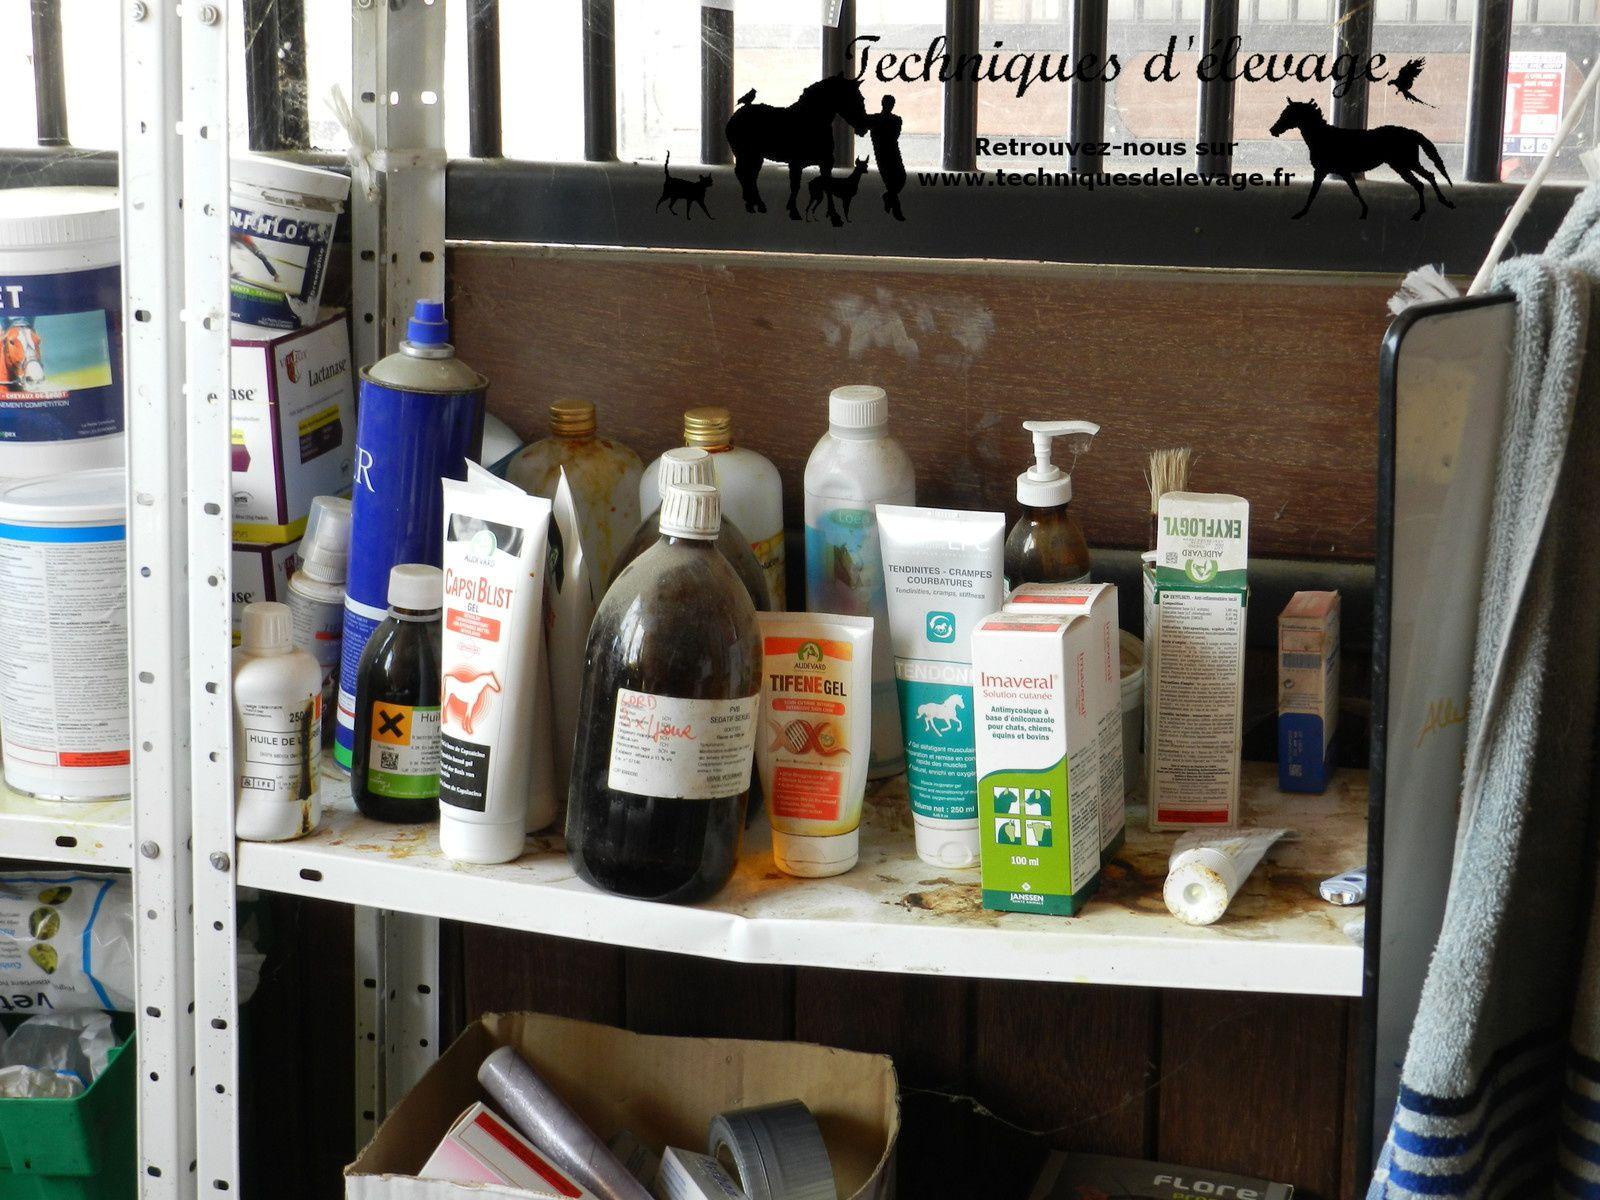 Pharmacie. Techniques d'élevage. Tous droits réservés